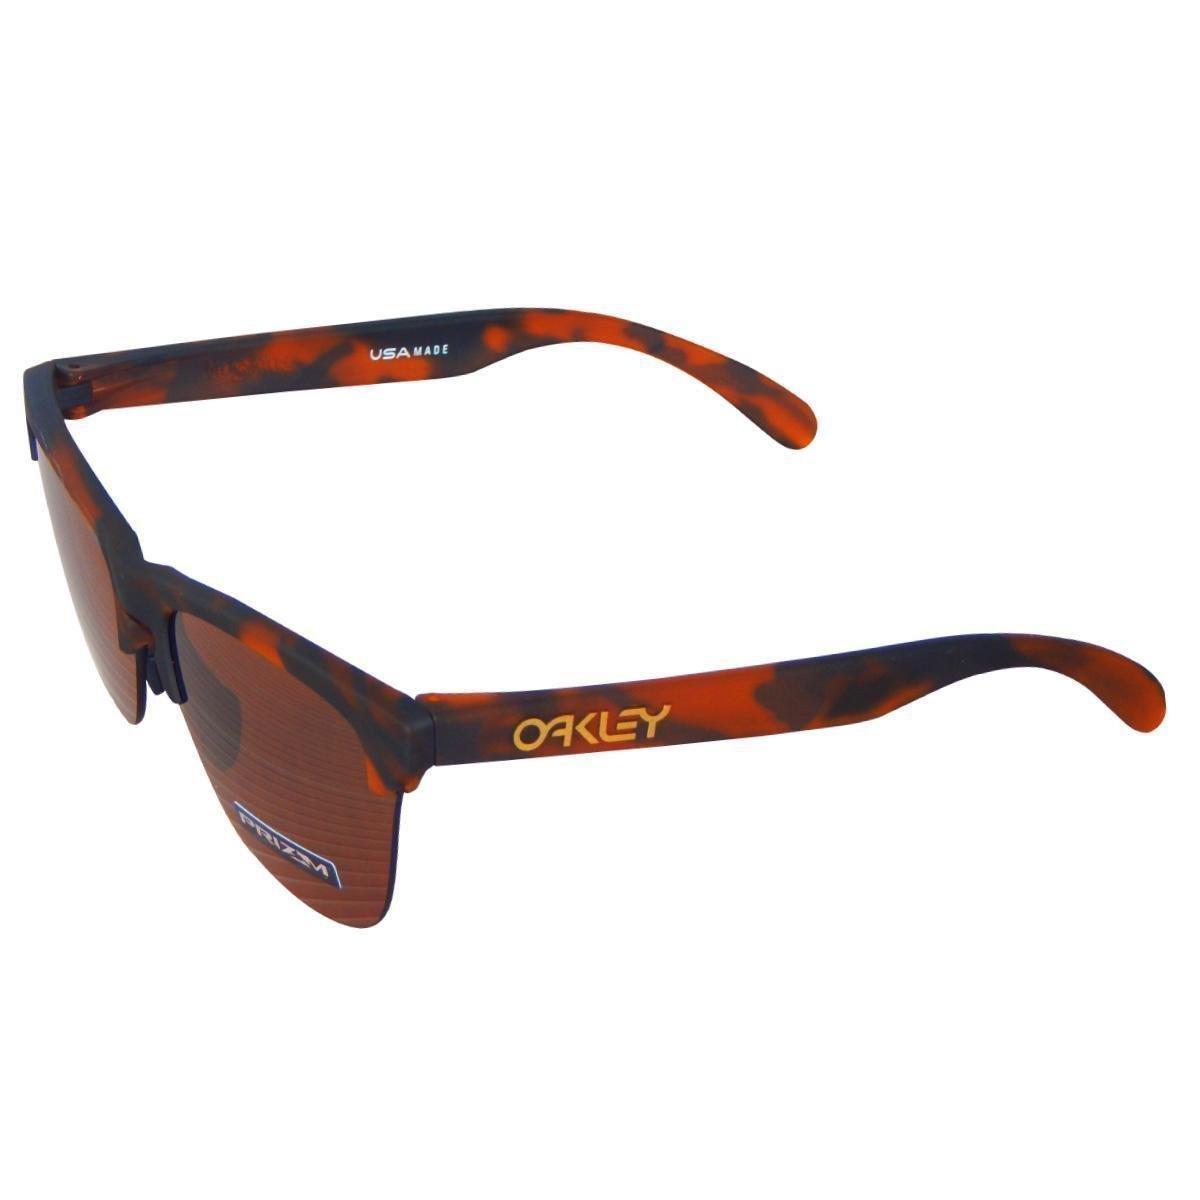 ... Óculos Oakley Frogskins Lite Matte Brown Tortoise  Lente Prizm Tungsten  ... b5831a601c